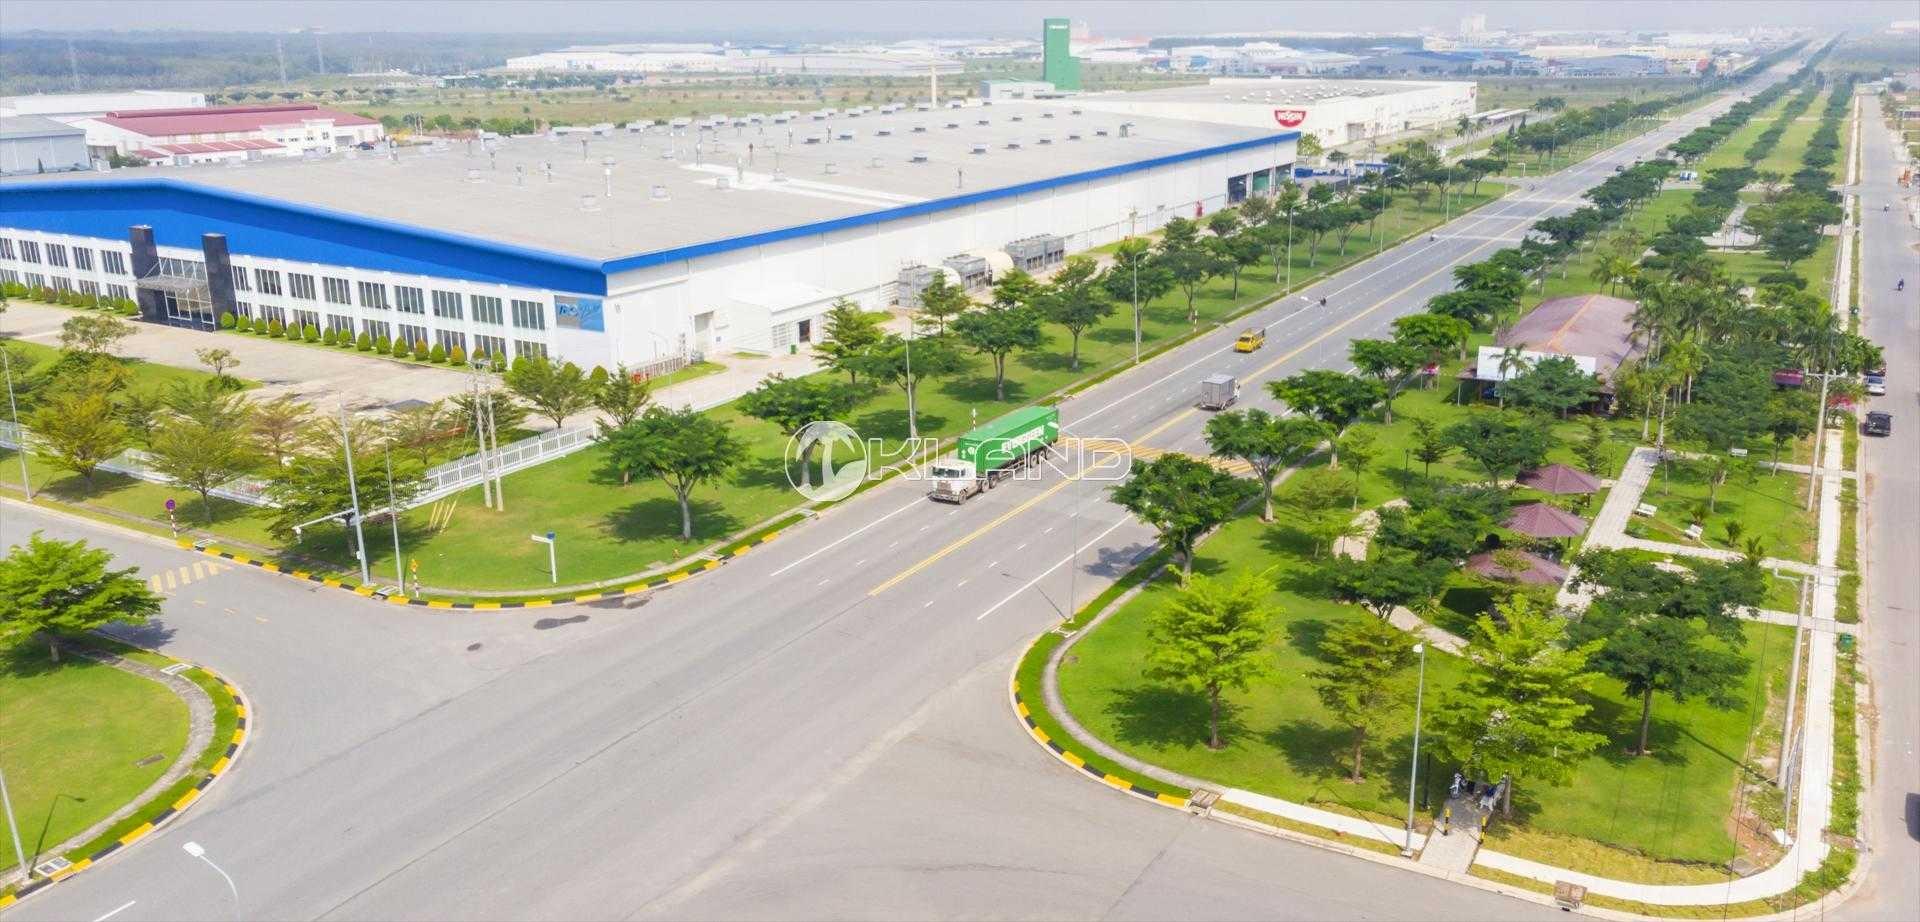 Bất động sản công nghiệp: Hướng đến Khu công nghiệp sinh thái